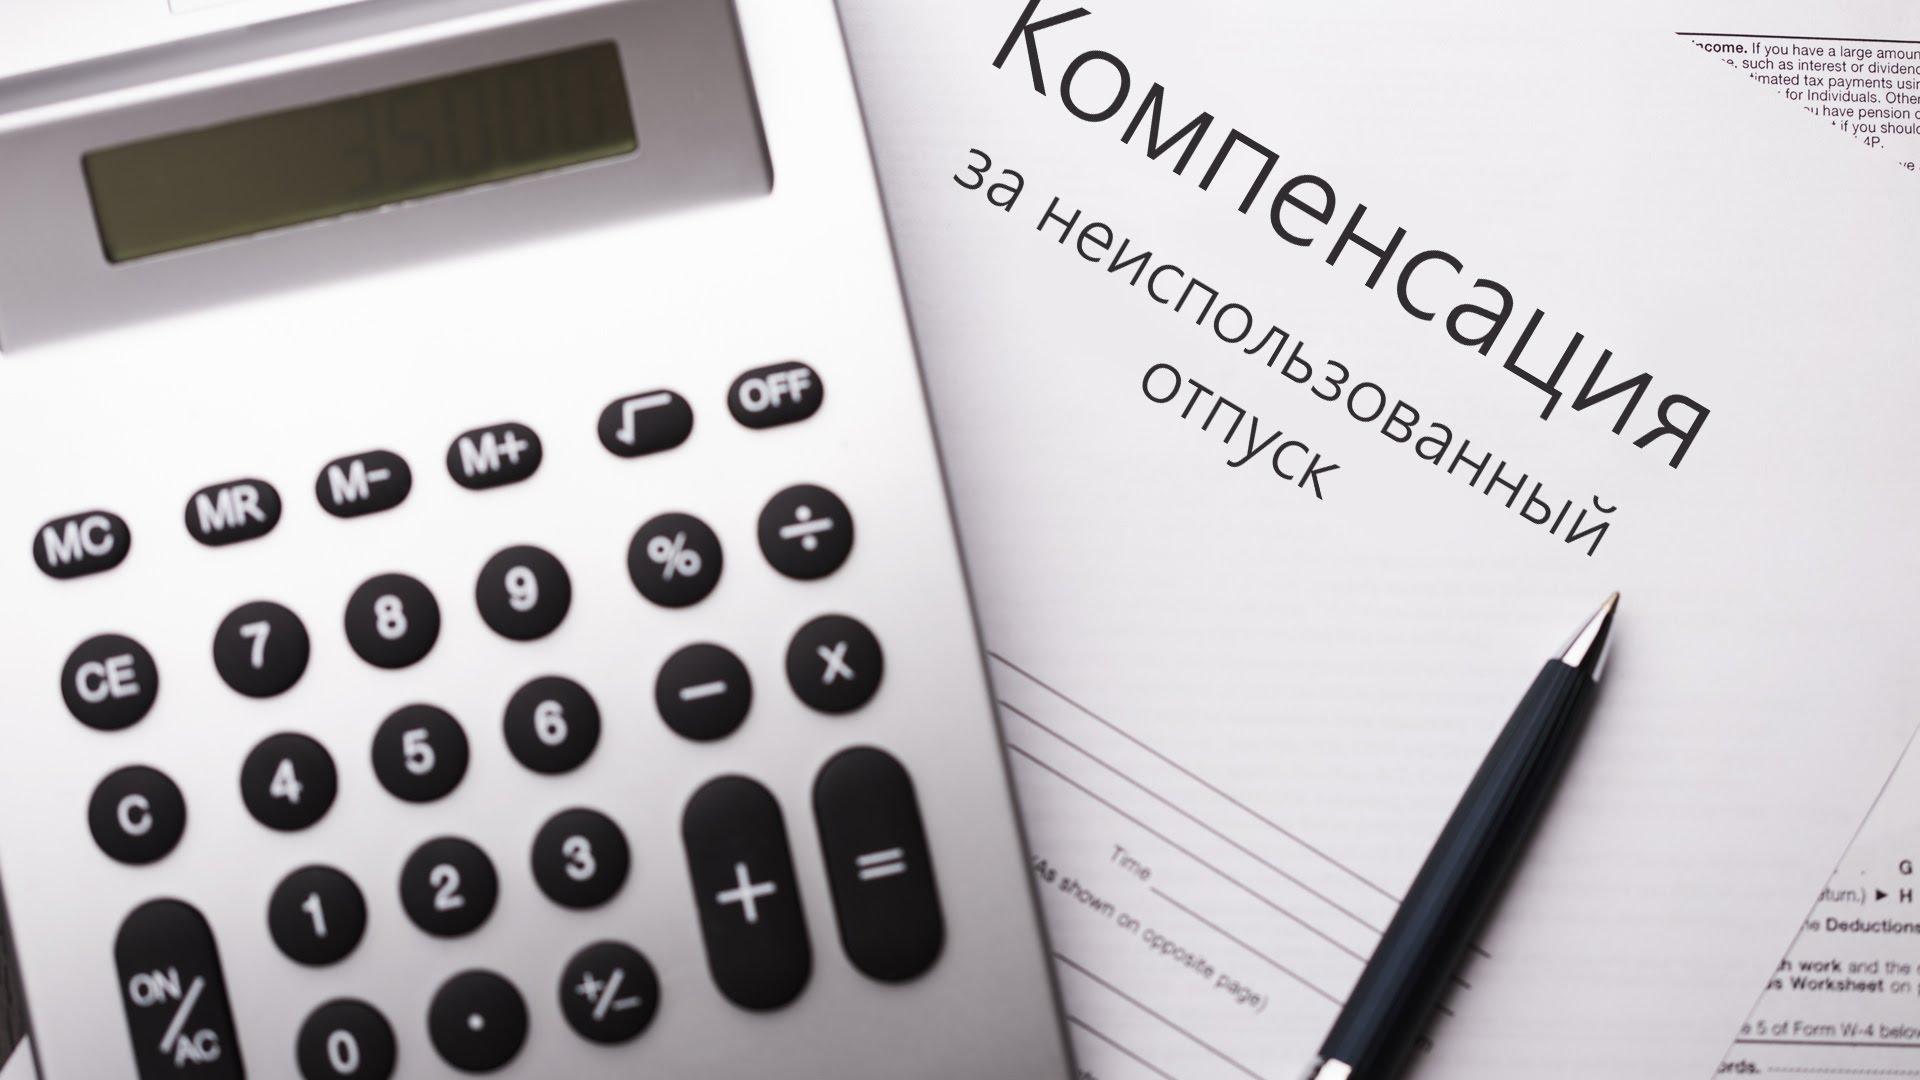 калькулятор расчета компенсации за отпуск в 2020 году онлайн калькулятор